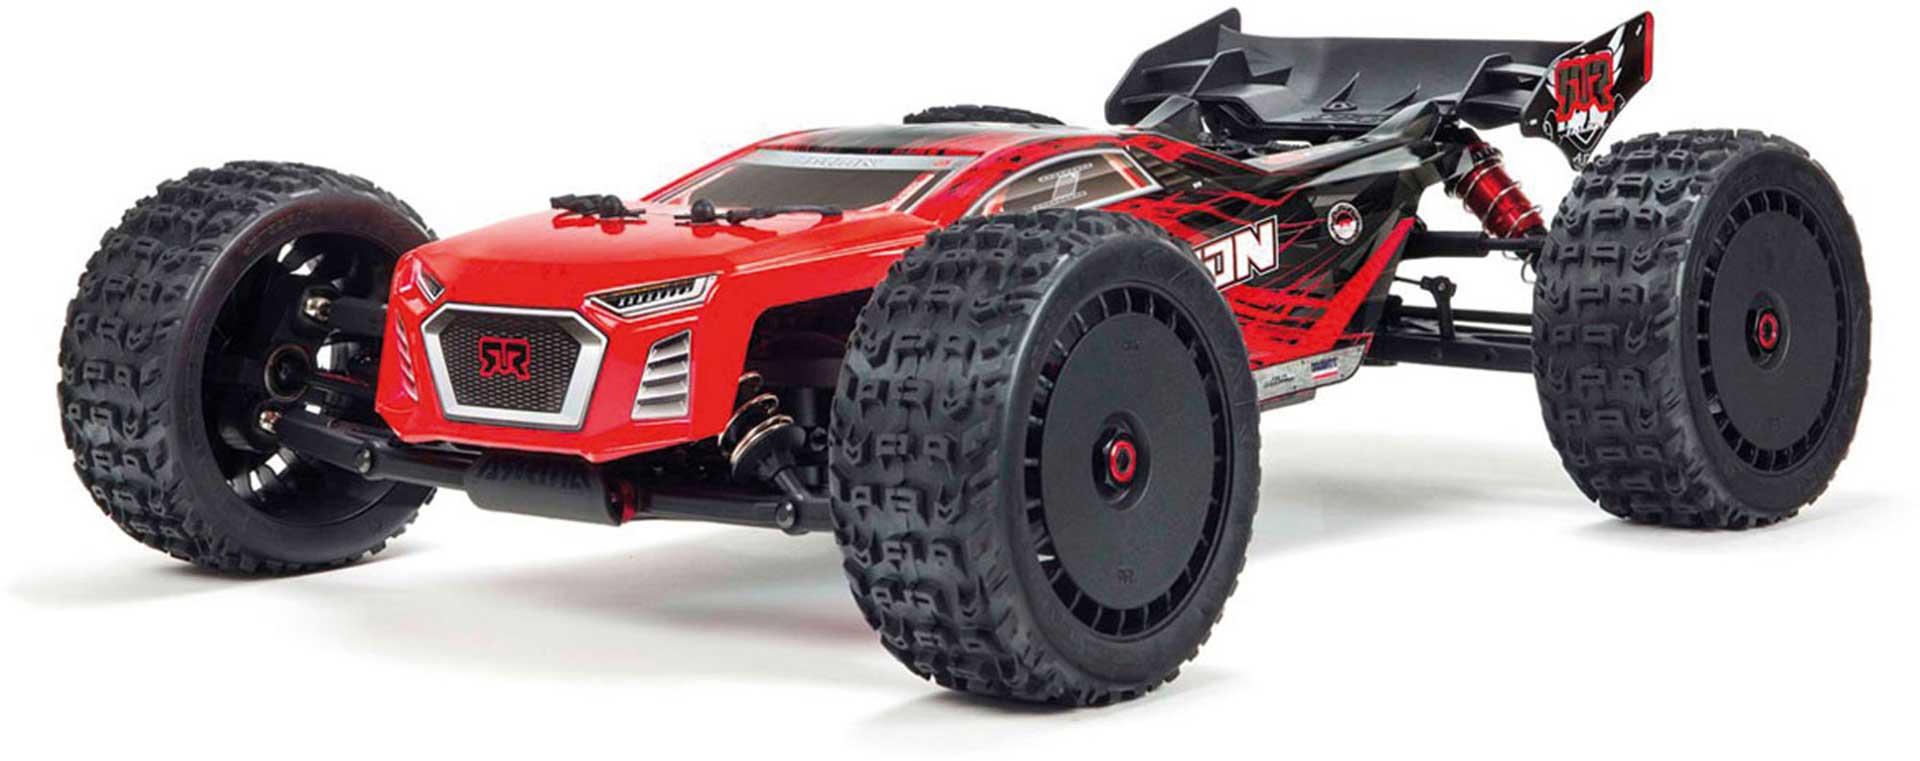 Arrma TALION 6S 4WD BLX 1/8 SPORT PERFORMANCE TRUCK RTR